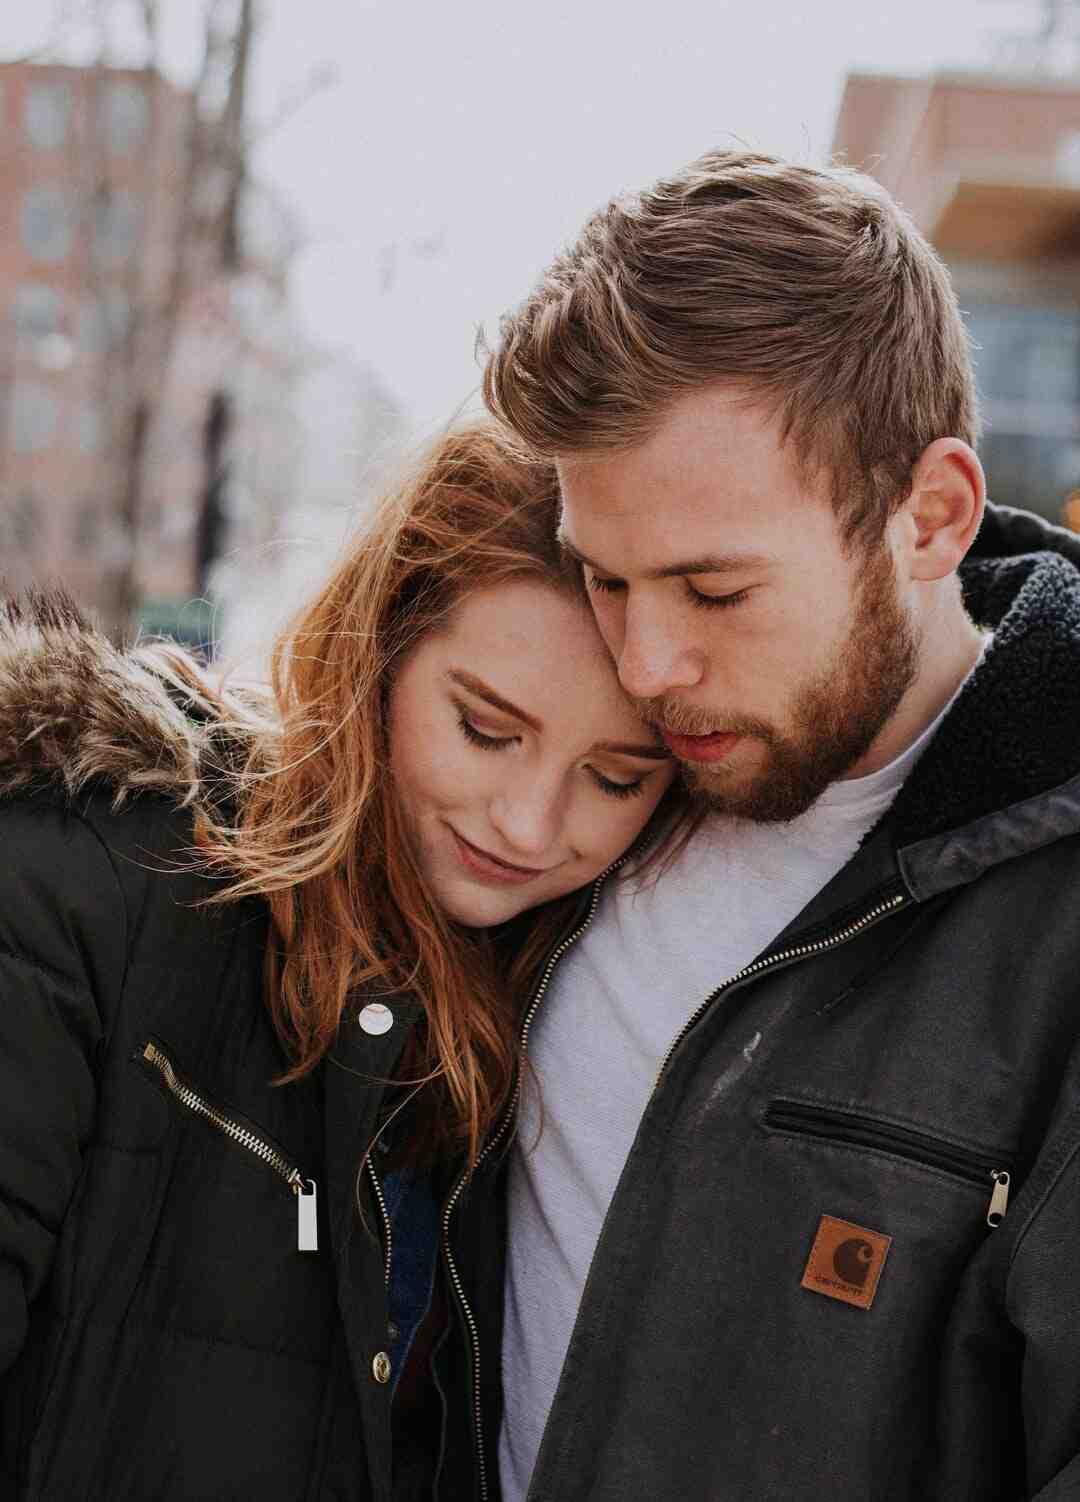 Comment ne pas rater le début d'une relation ?